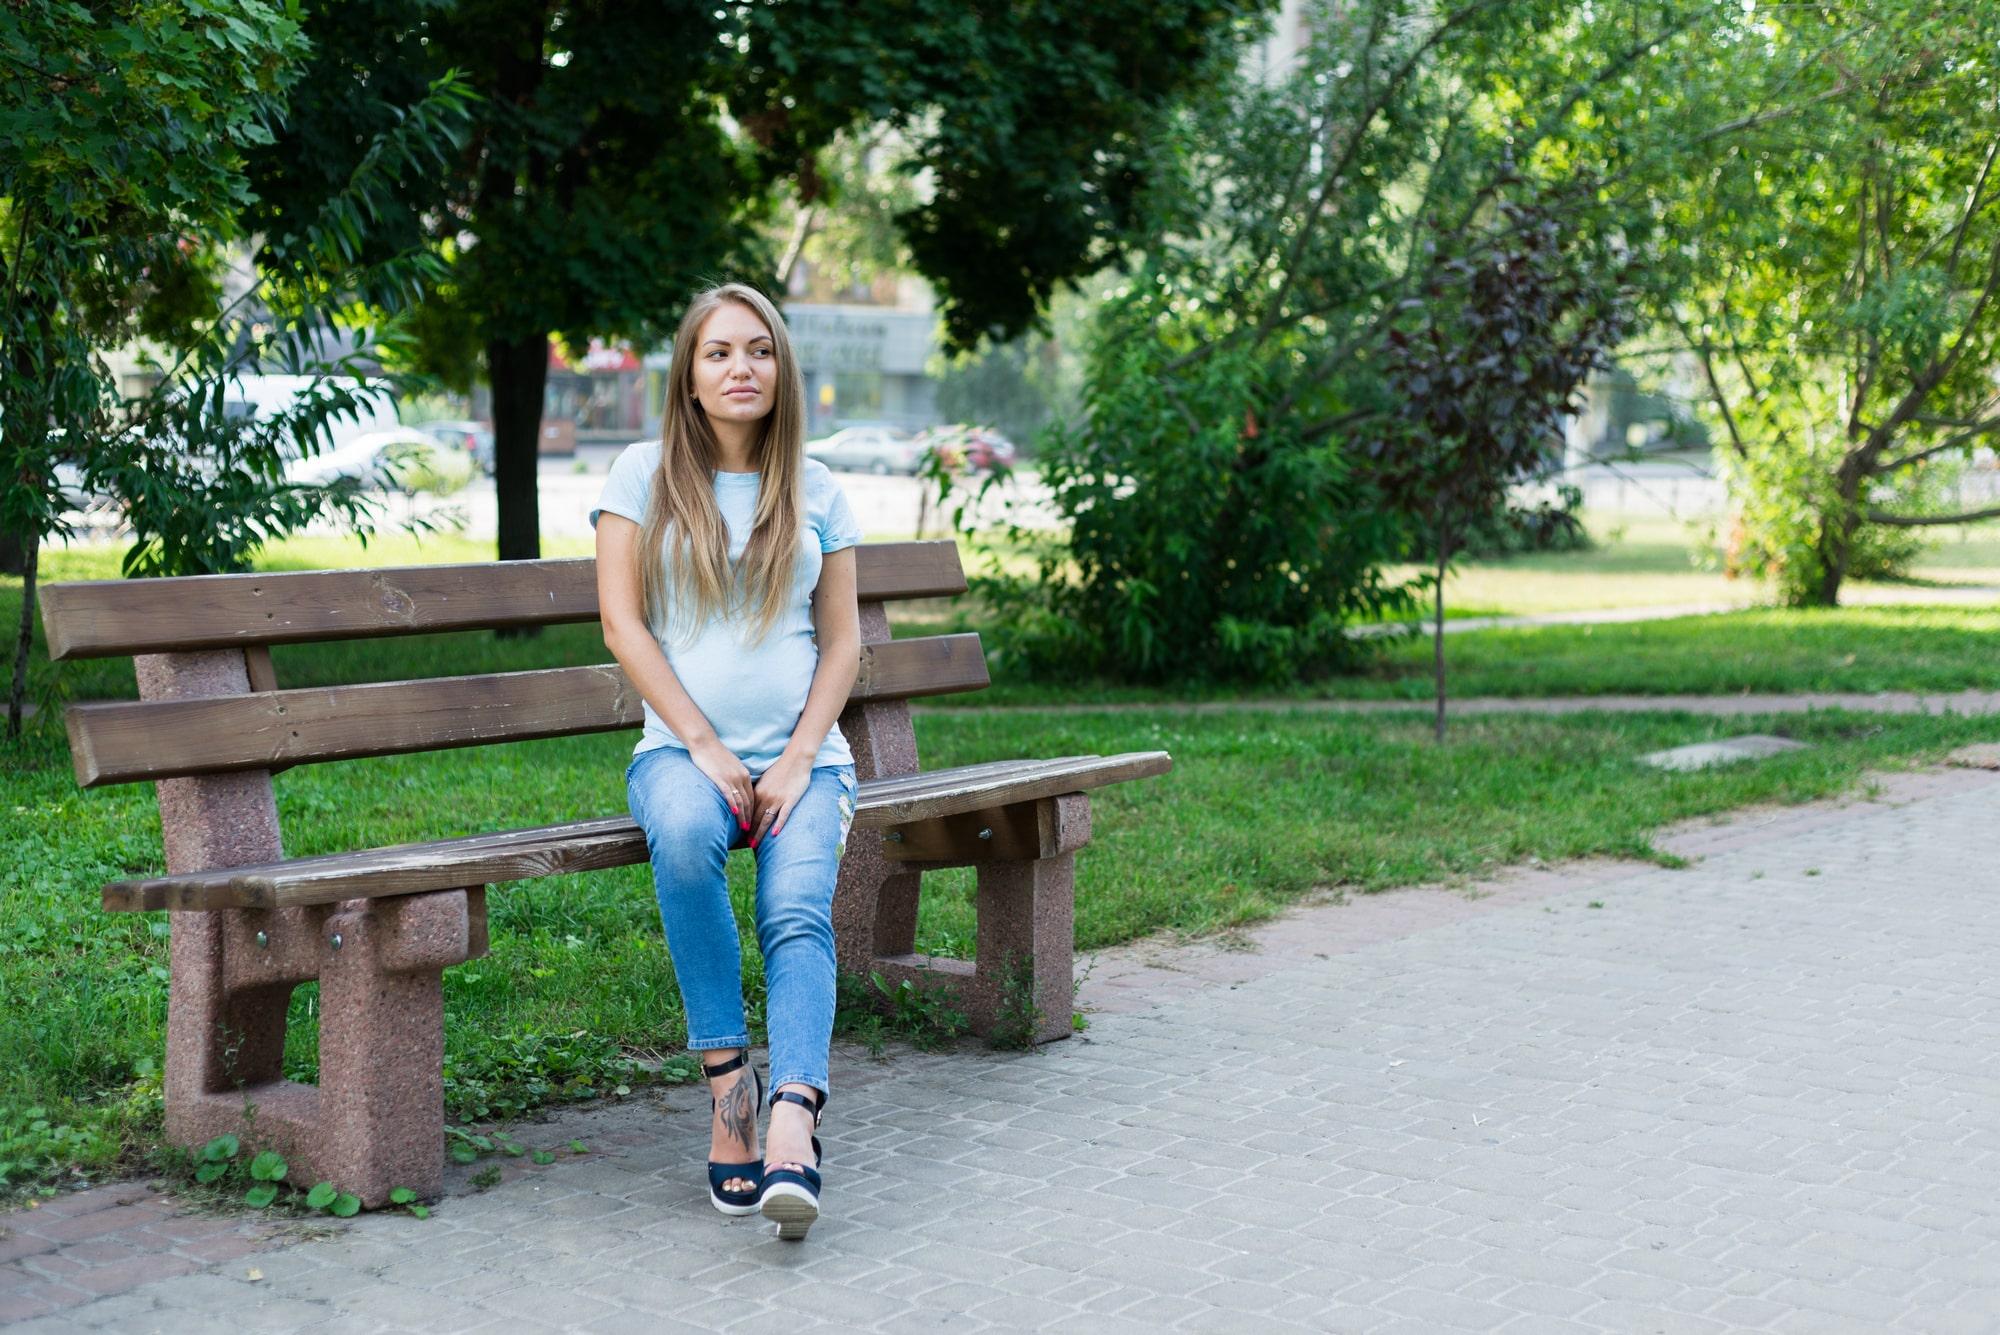 Фотосессия для беременных в Киеве - девушка на скамье в парке